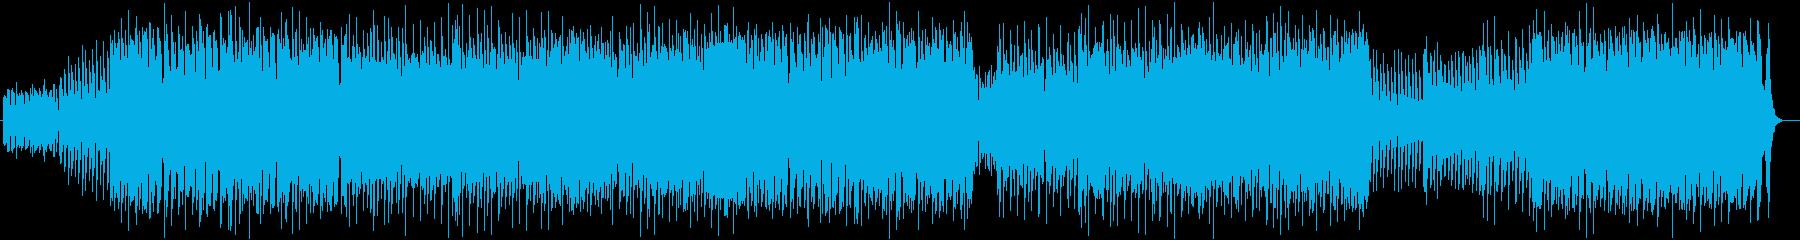 疾走感とドラマ感のドラムシンセサウンドの再生済みの波形